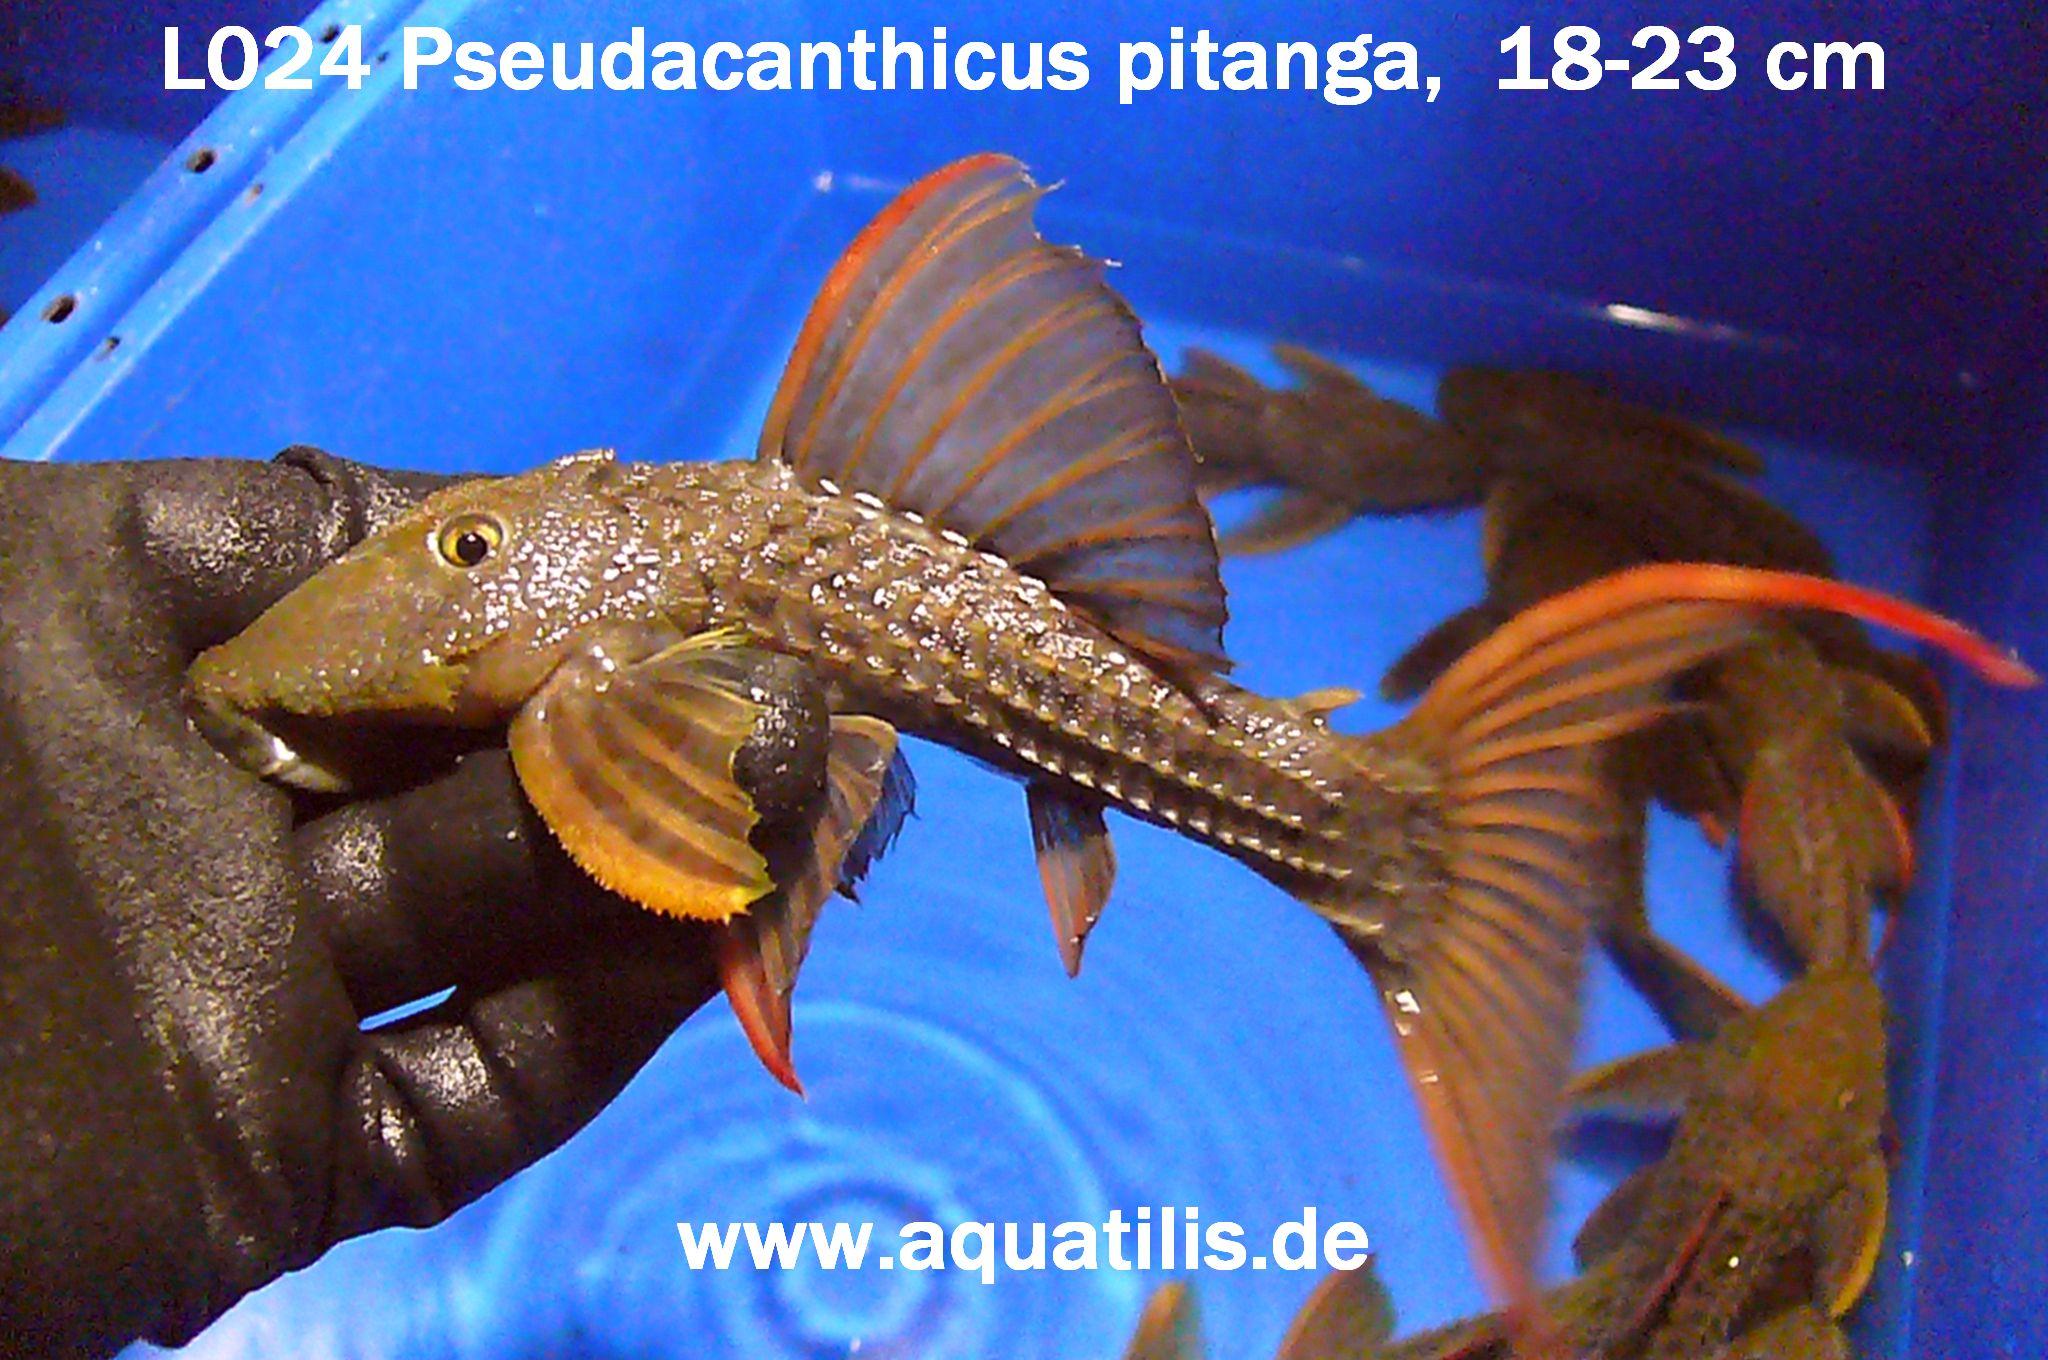 L024 Pseudacanthicus pitanga,  18-23 cm, Foto: Aquatilis Peter Jaeger